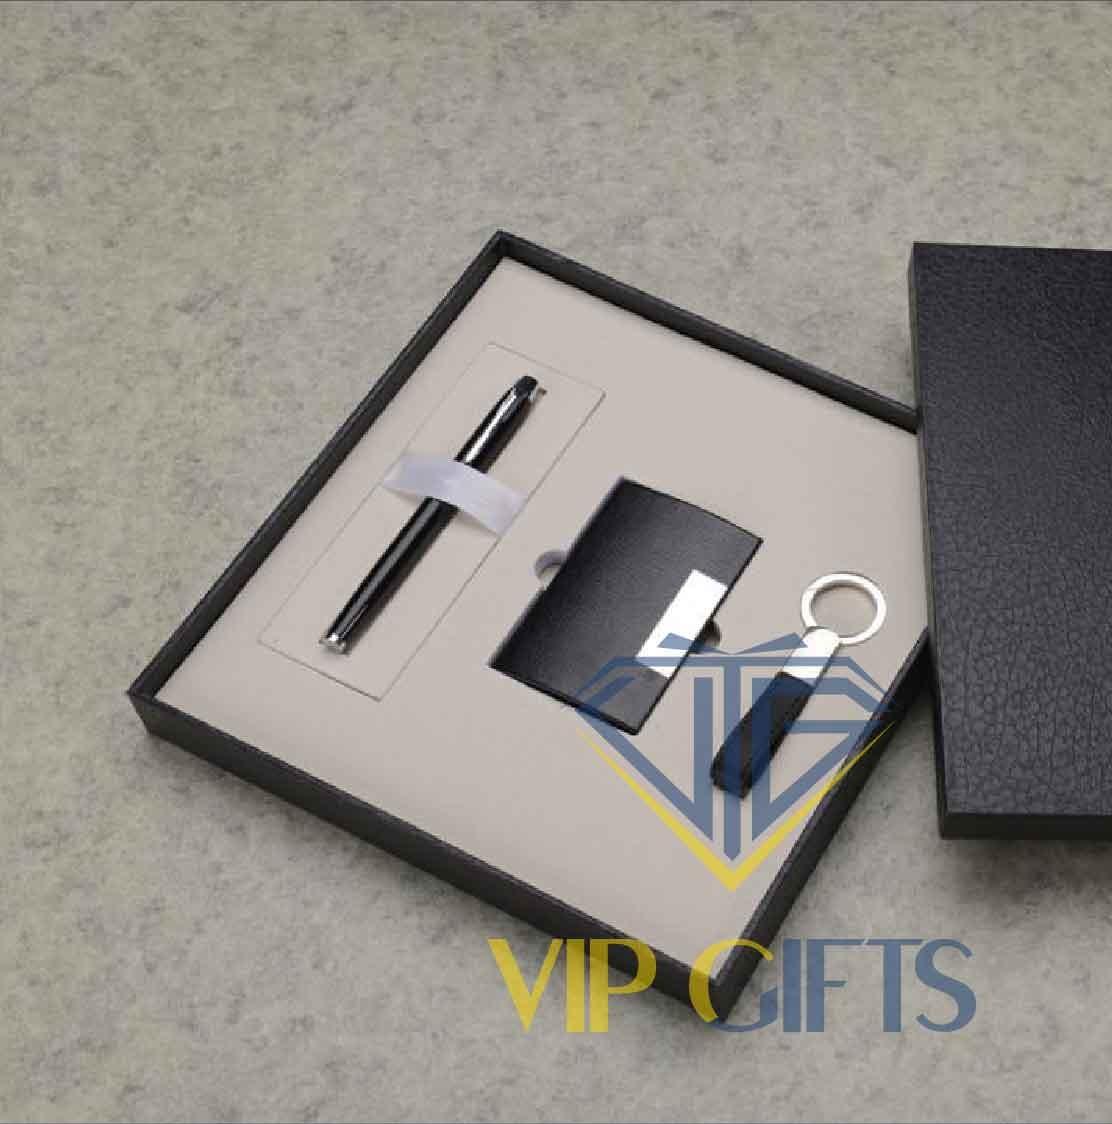 Bộ giftset Quà tặng VIP Namecard bút và móc khóa 01